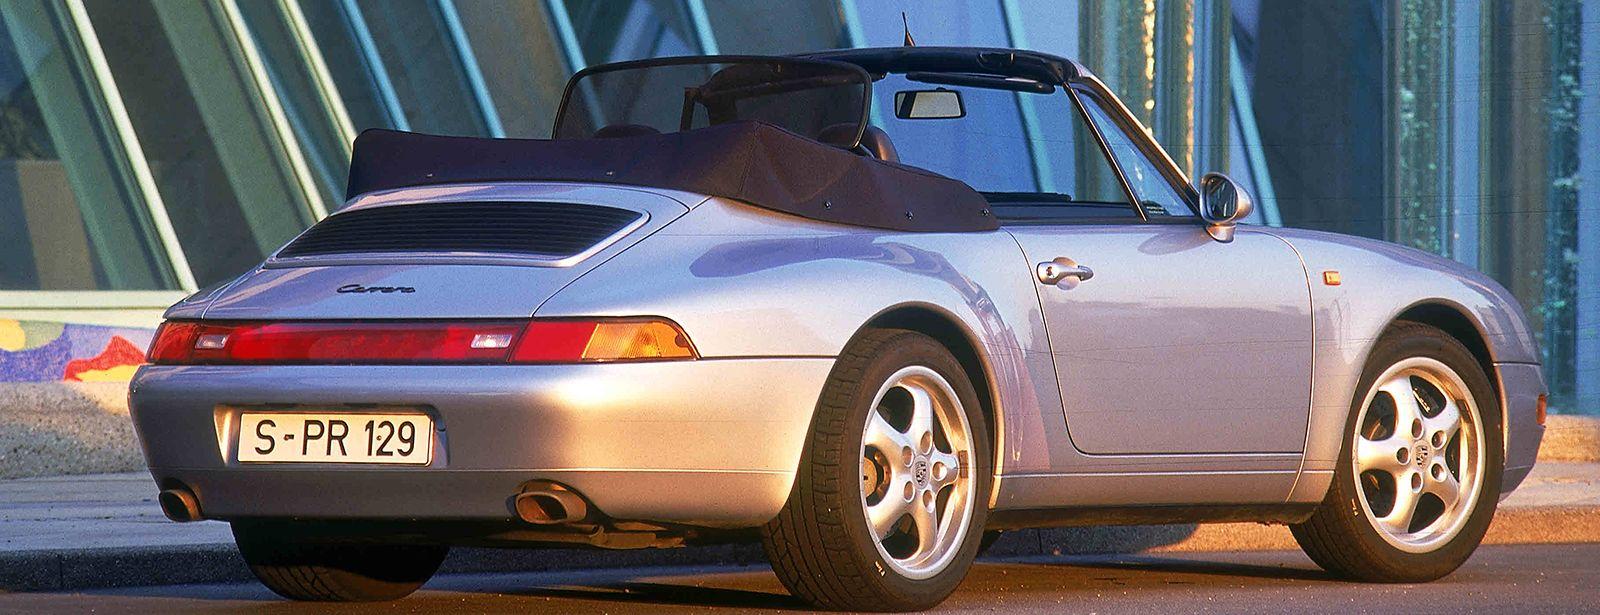 Porsche 993 911 1994-1998